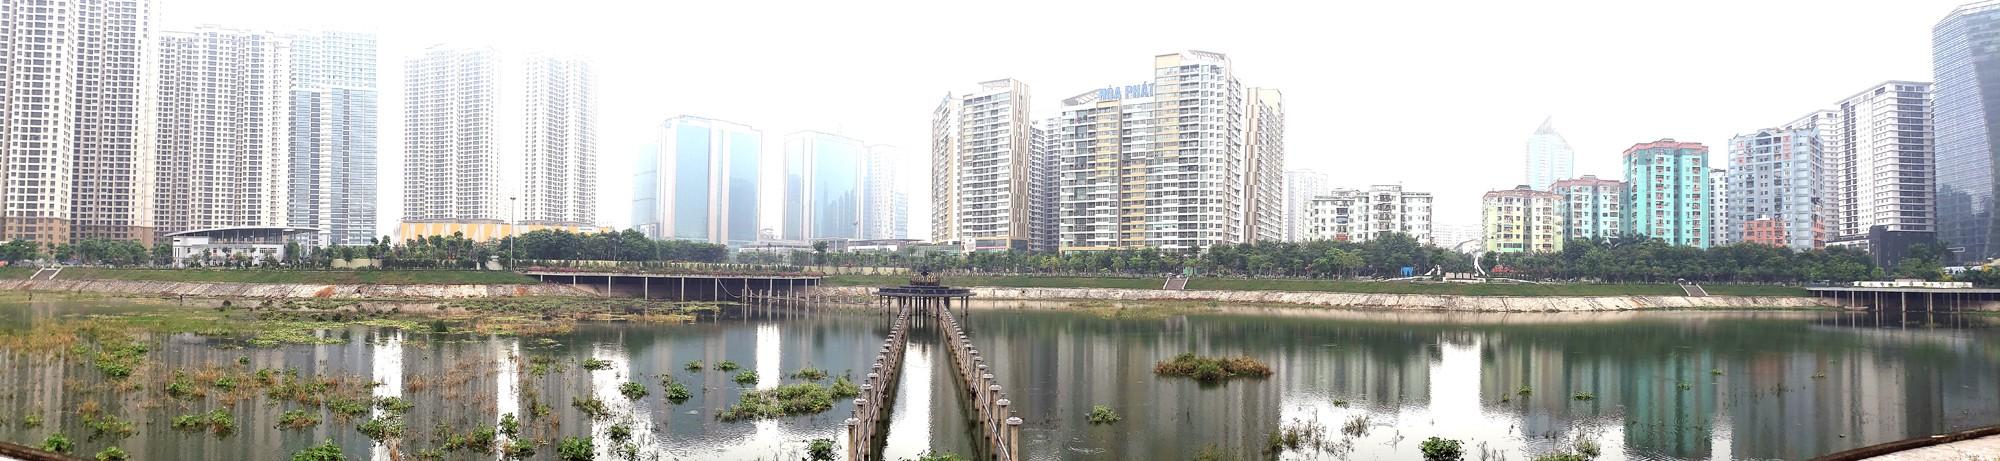 Công viên 300 tỉ đồng trên đất vàng ở Hà Nội mới khánh thành đã bị dân chê hôi thối - Ảnh 1.